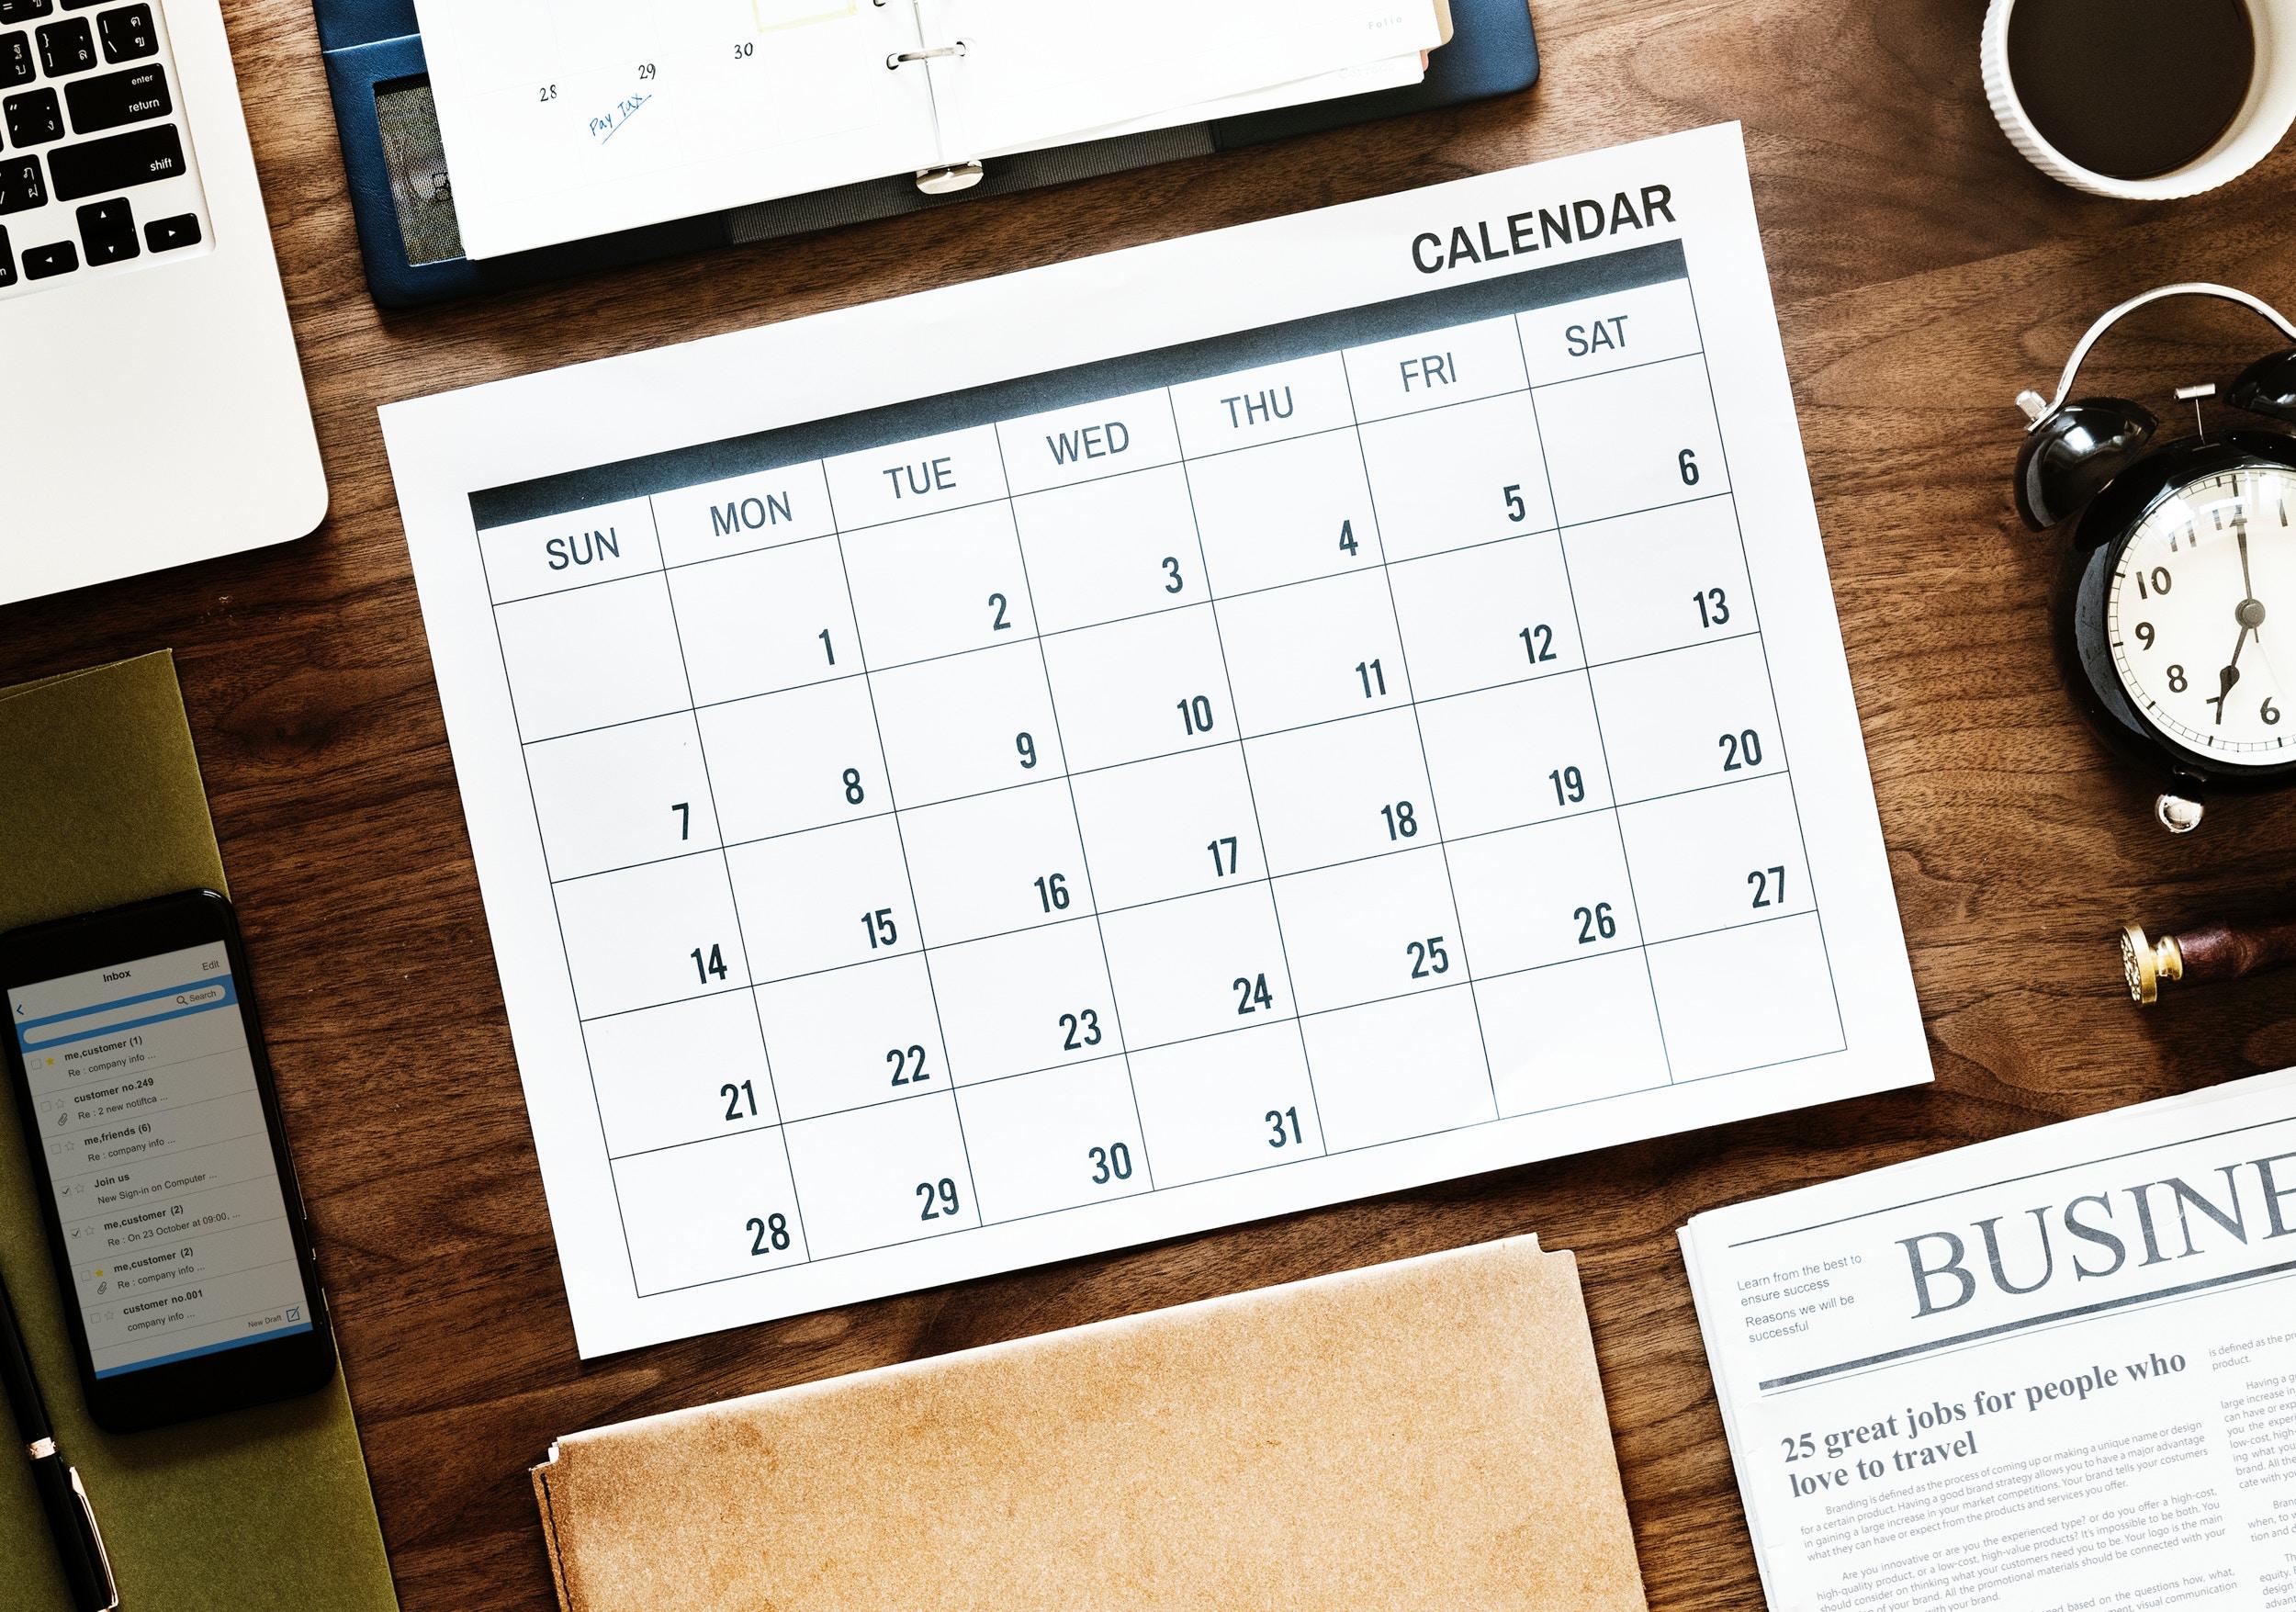 Image of calendar on desk